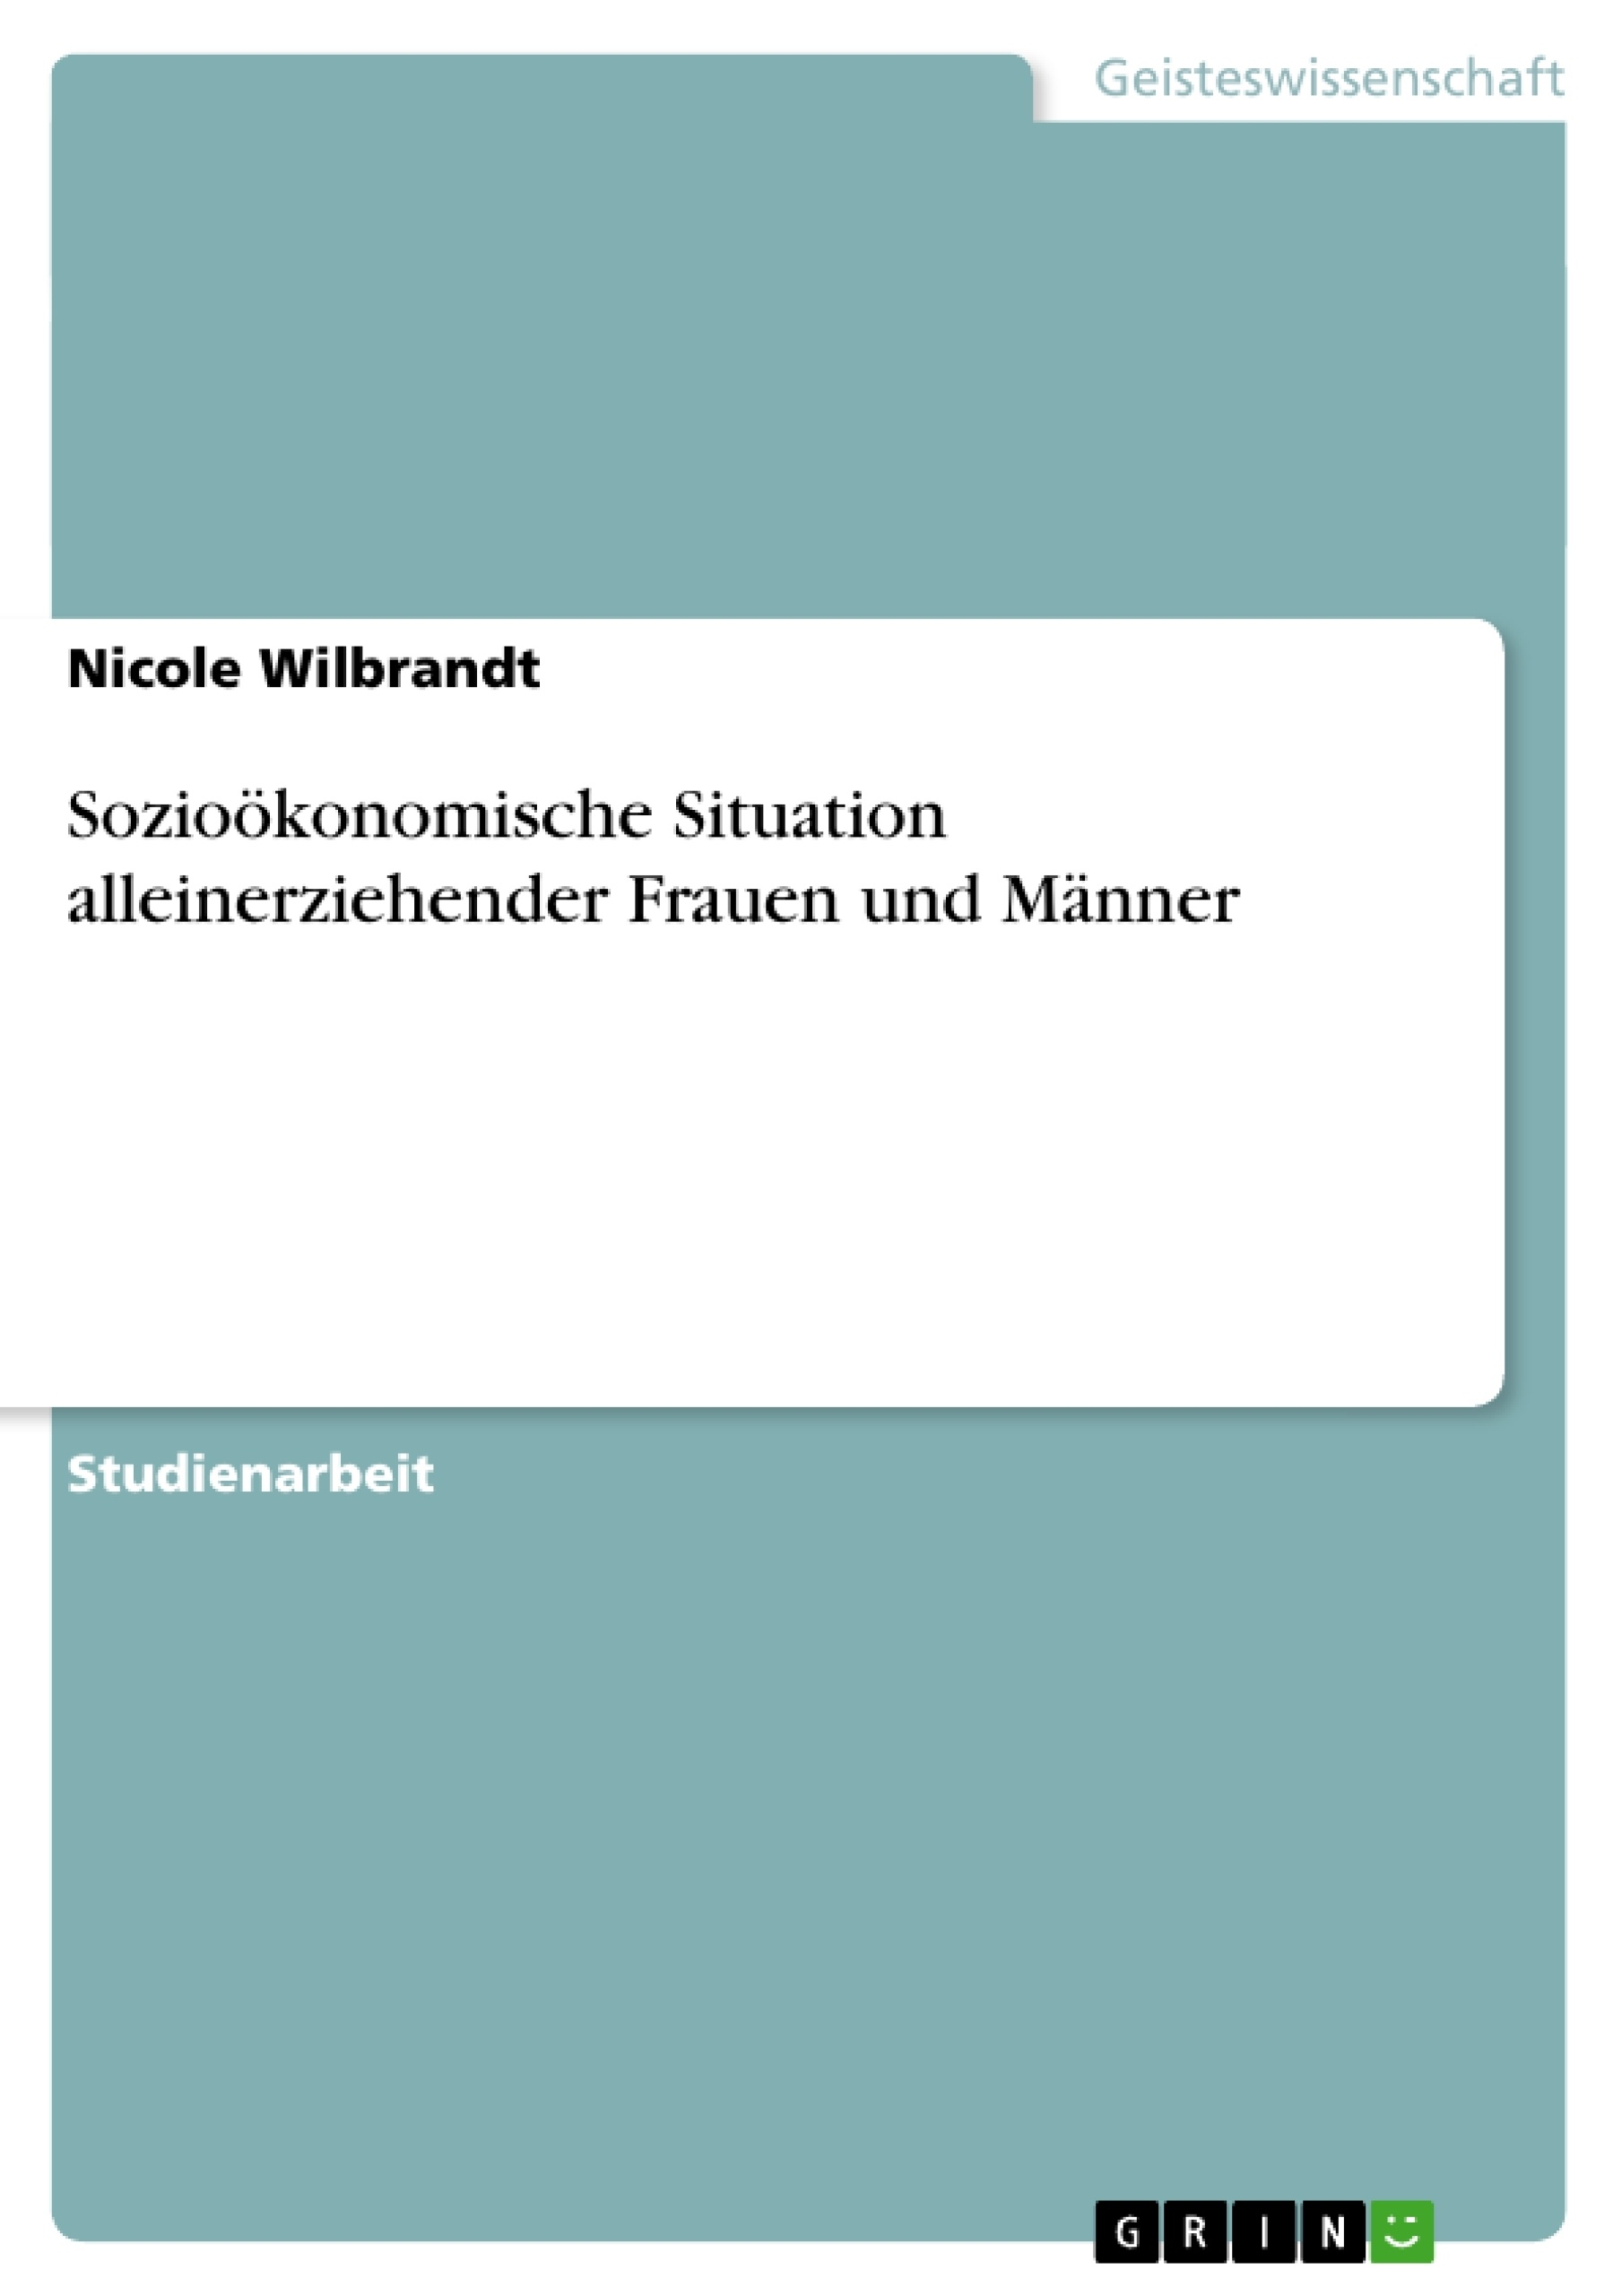 Titel: Sozioökonomische Situation alleinerziehender Frauen und Männer